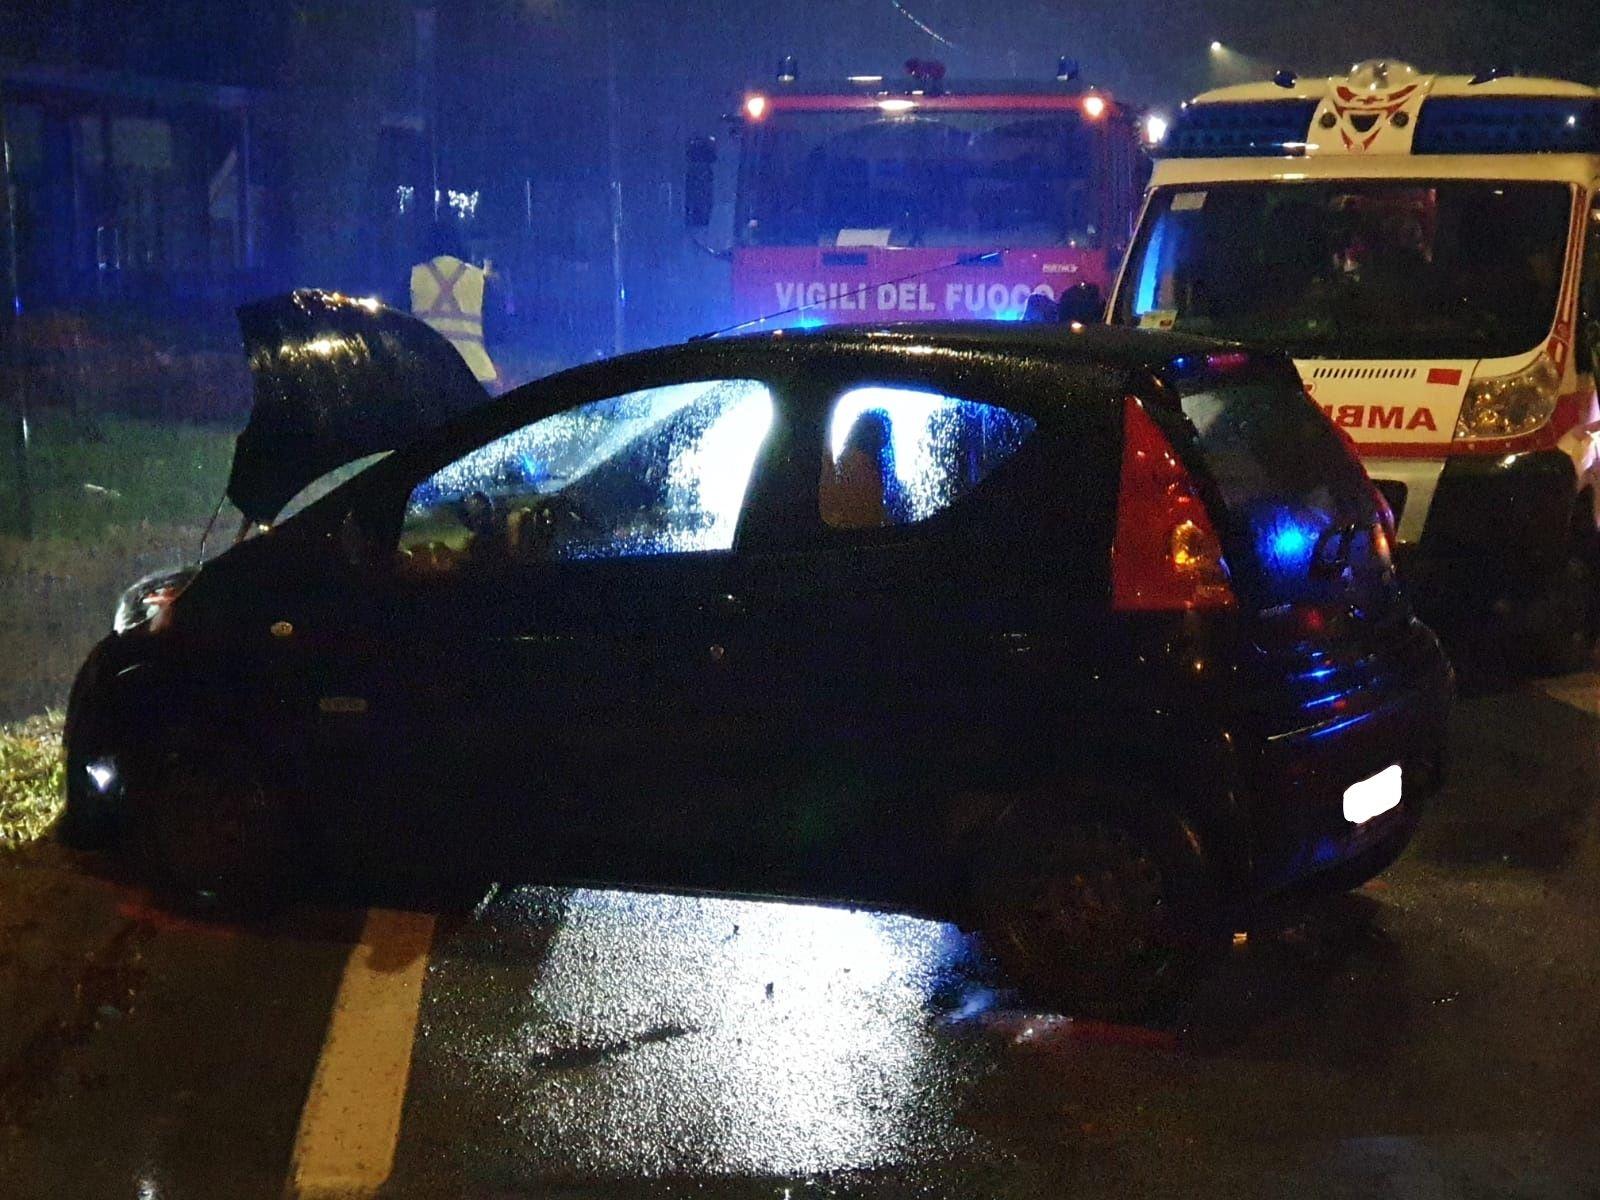 RIVAROLO - Incidente stradale nella notte: ferito un favriese - FOTO